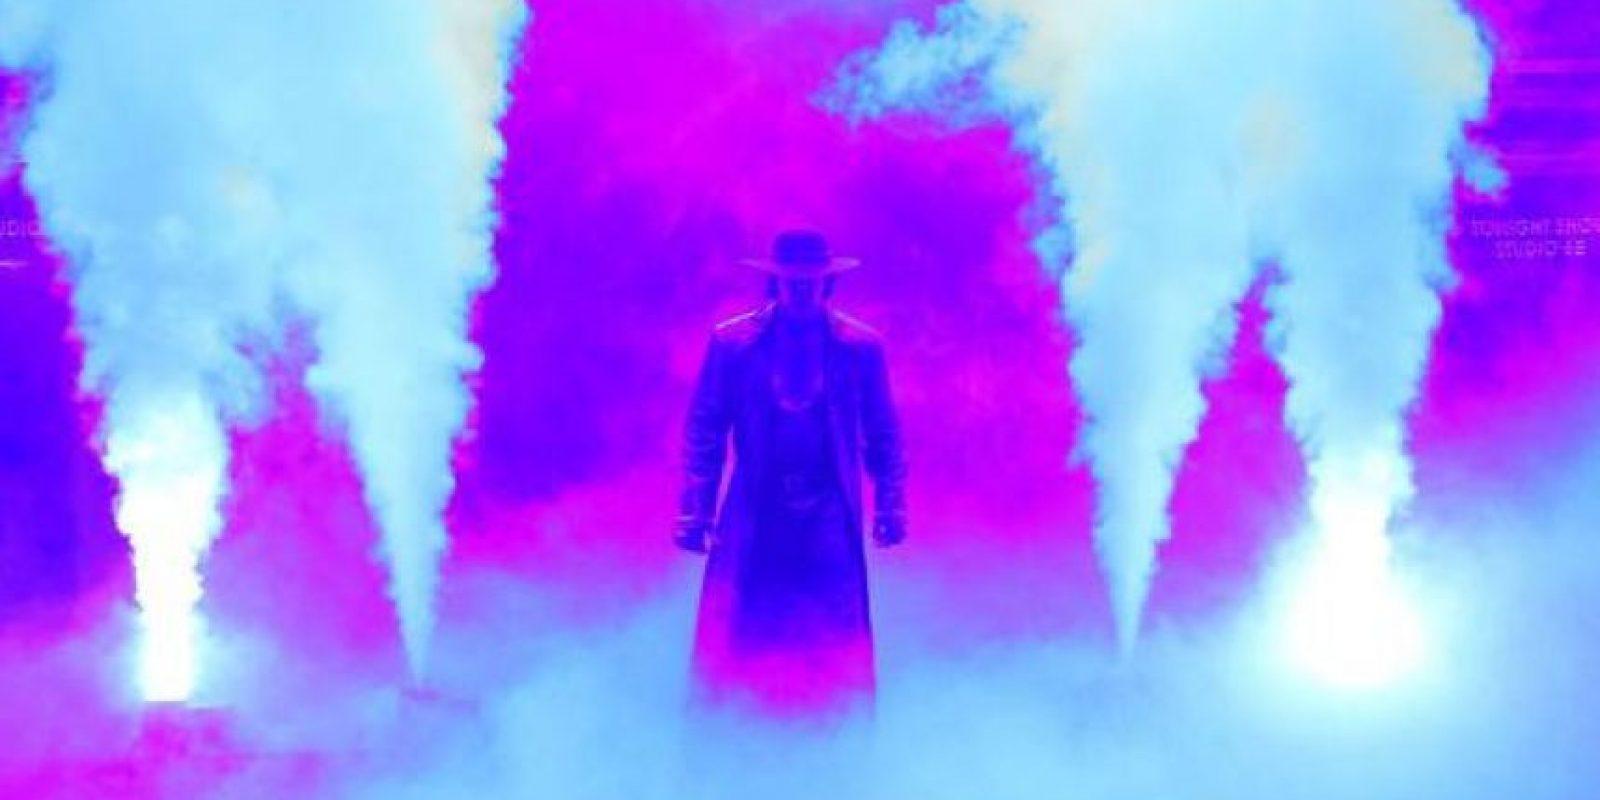 El Survivor Series se llevará a cabo el próximo 22 de noviembre Foto:WWE